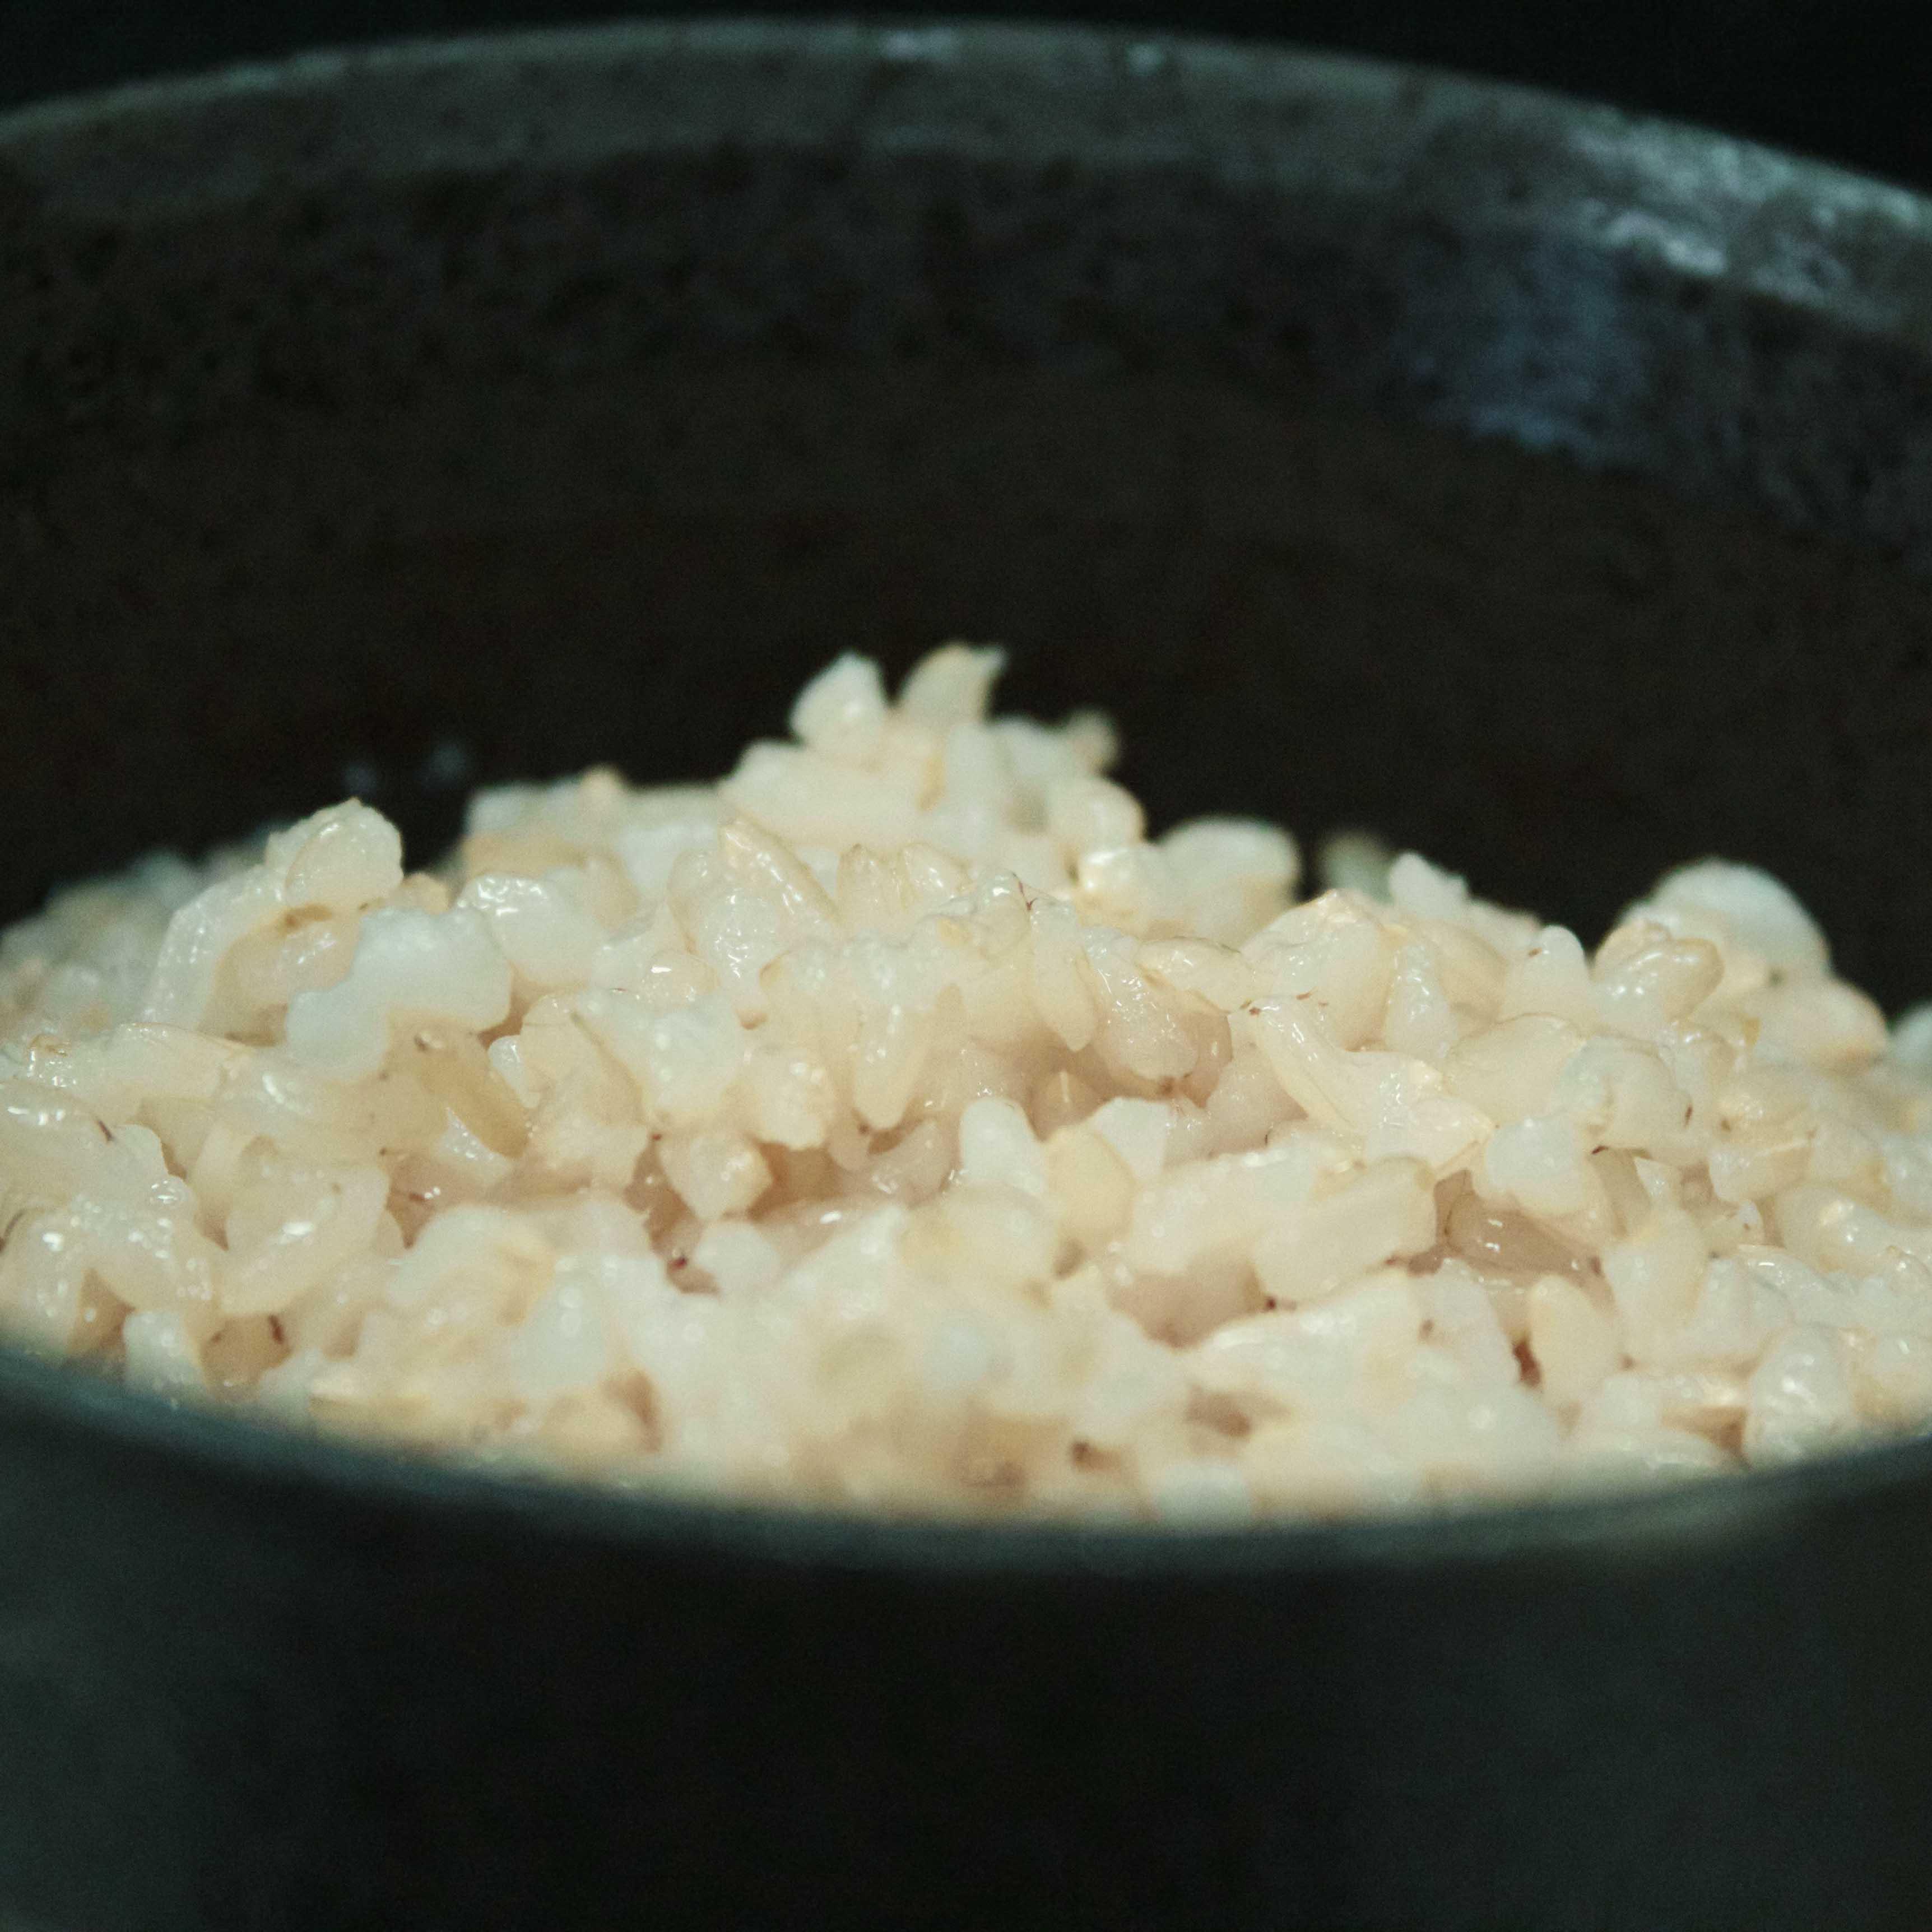 莊正燈的芋香糙米【全國十大經典好米─最安心的糙米】2kg-友善耕作-冠軍米